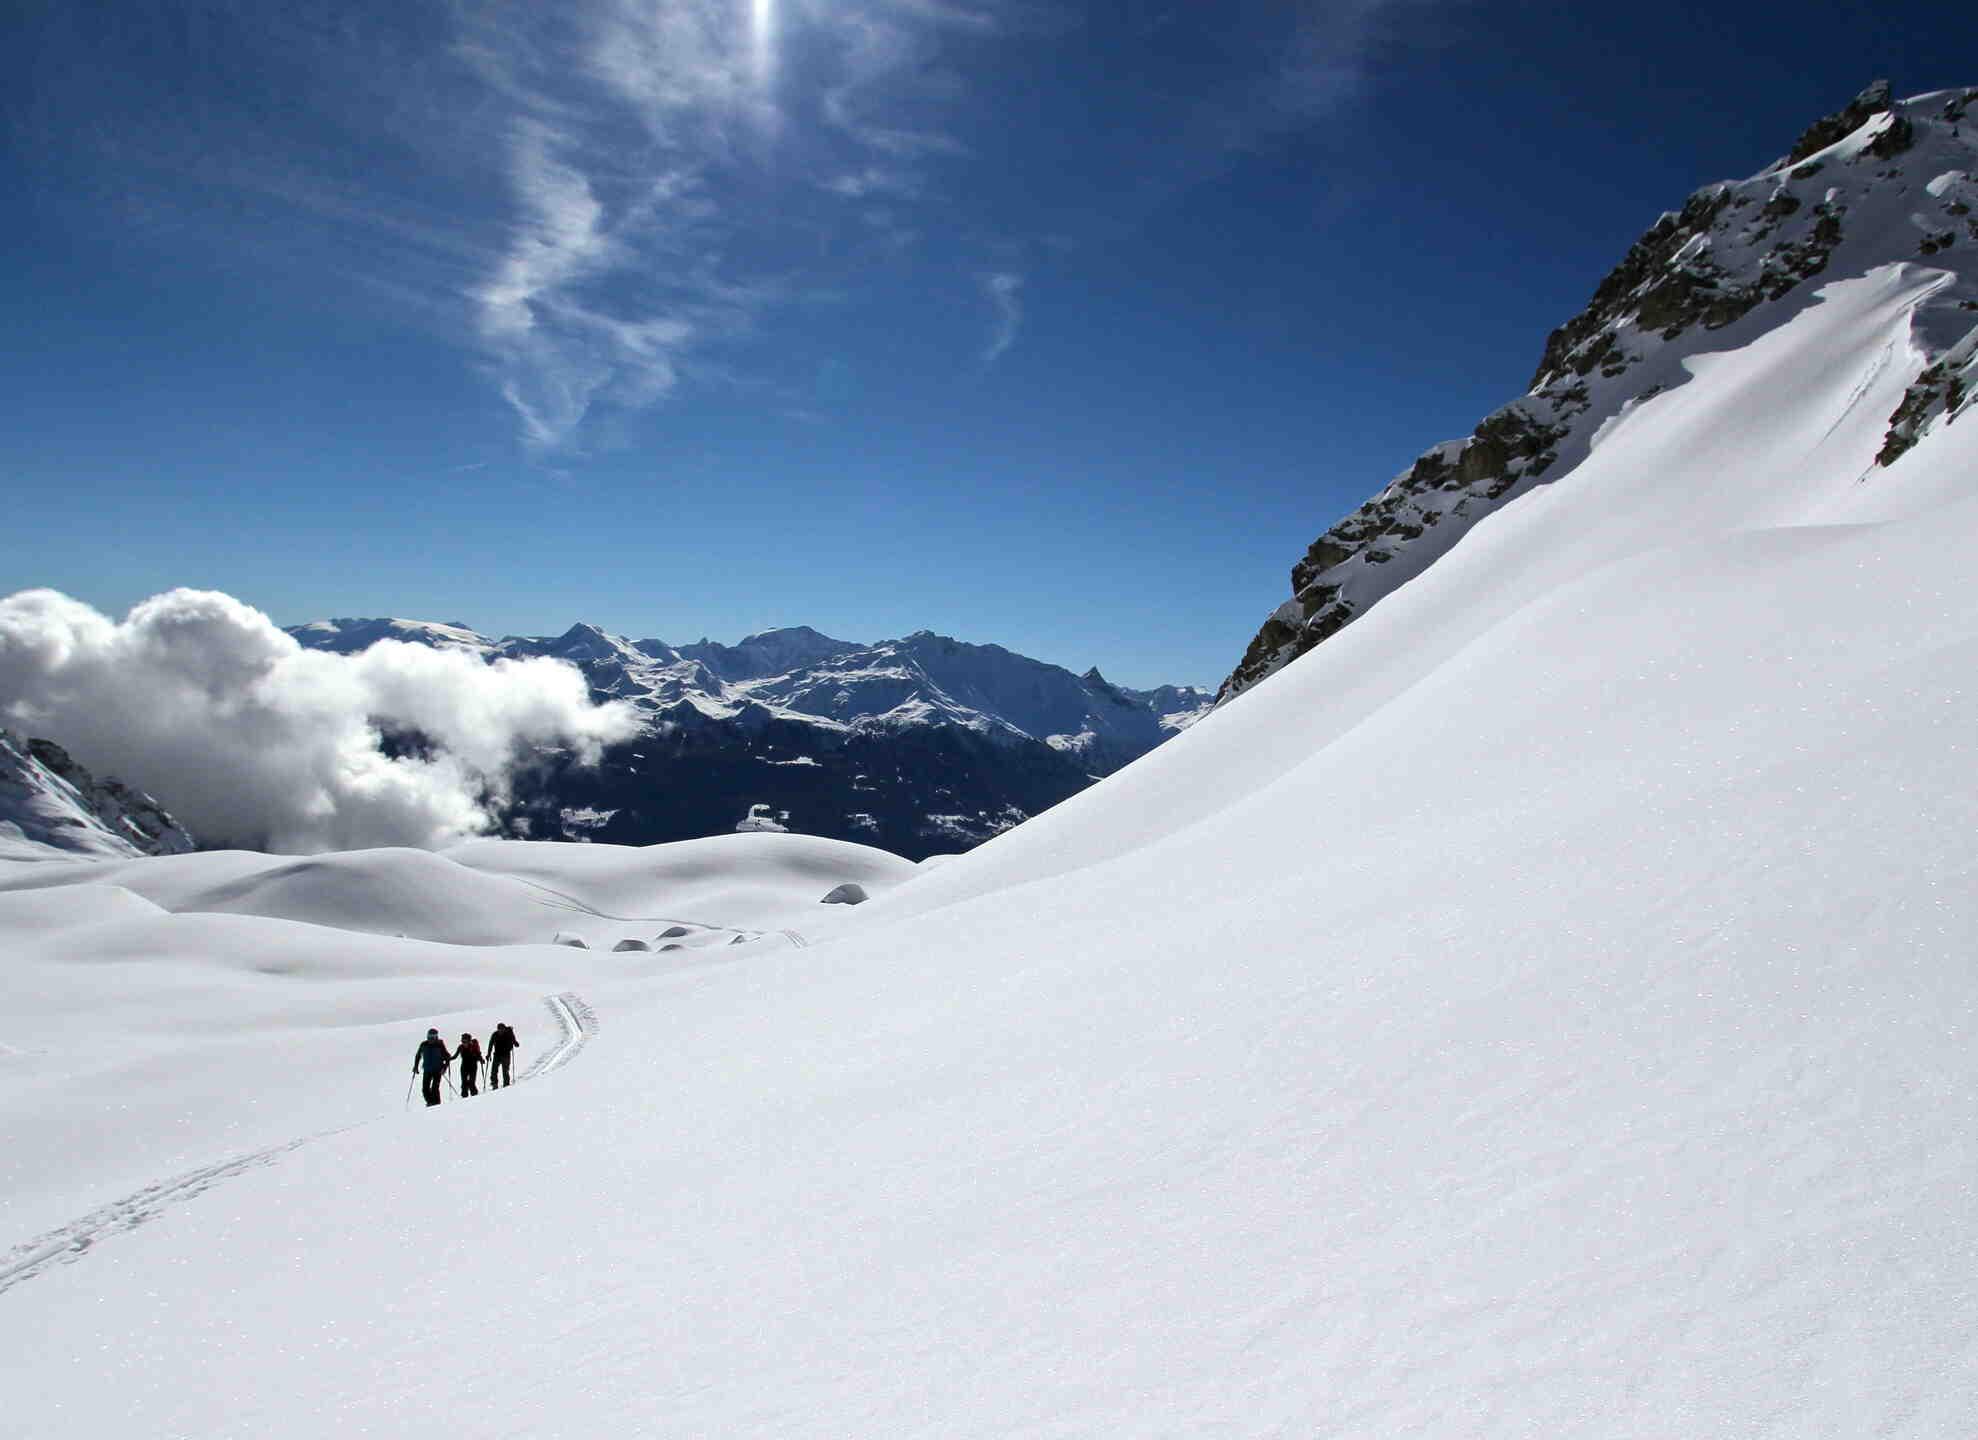 Où l'on peut pratiquer le ski ?